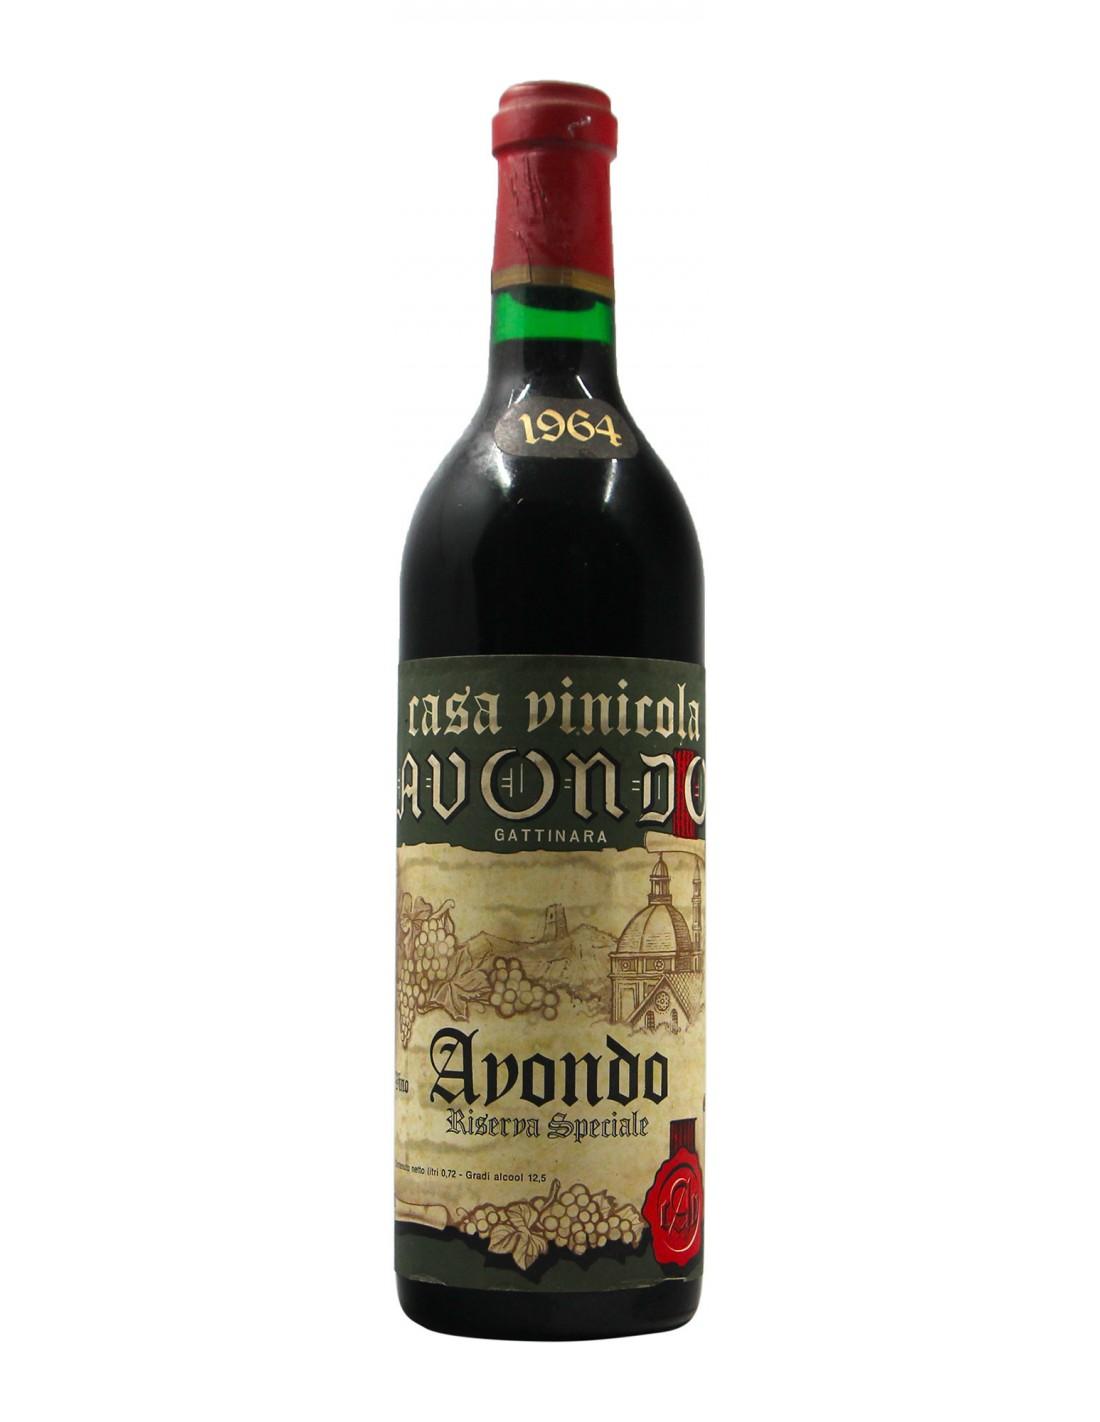 GATTINARA RISERVA SPECIALE 1964 CASA VINICOLA AVONDO Grandi Bottiglie